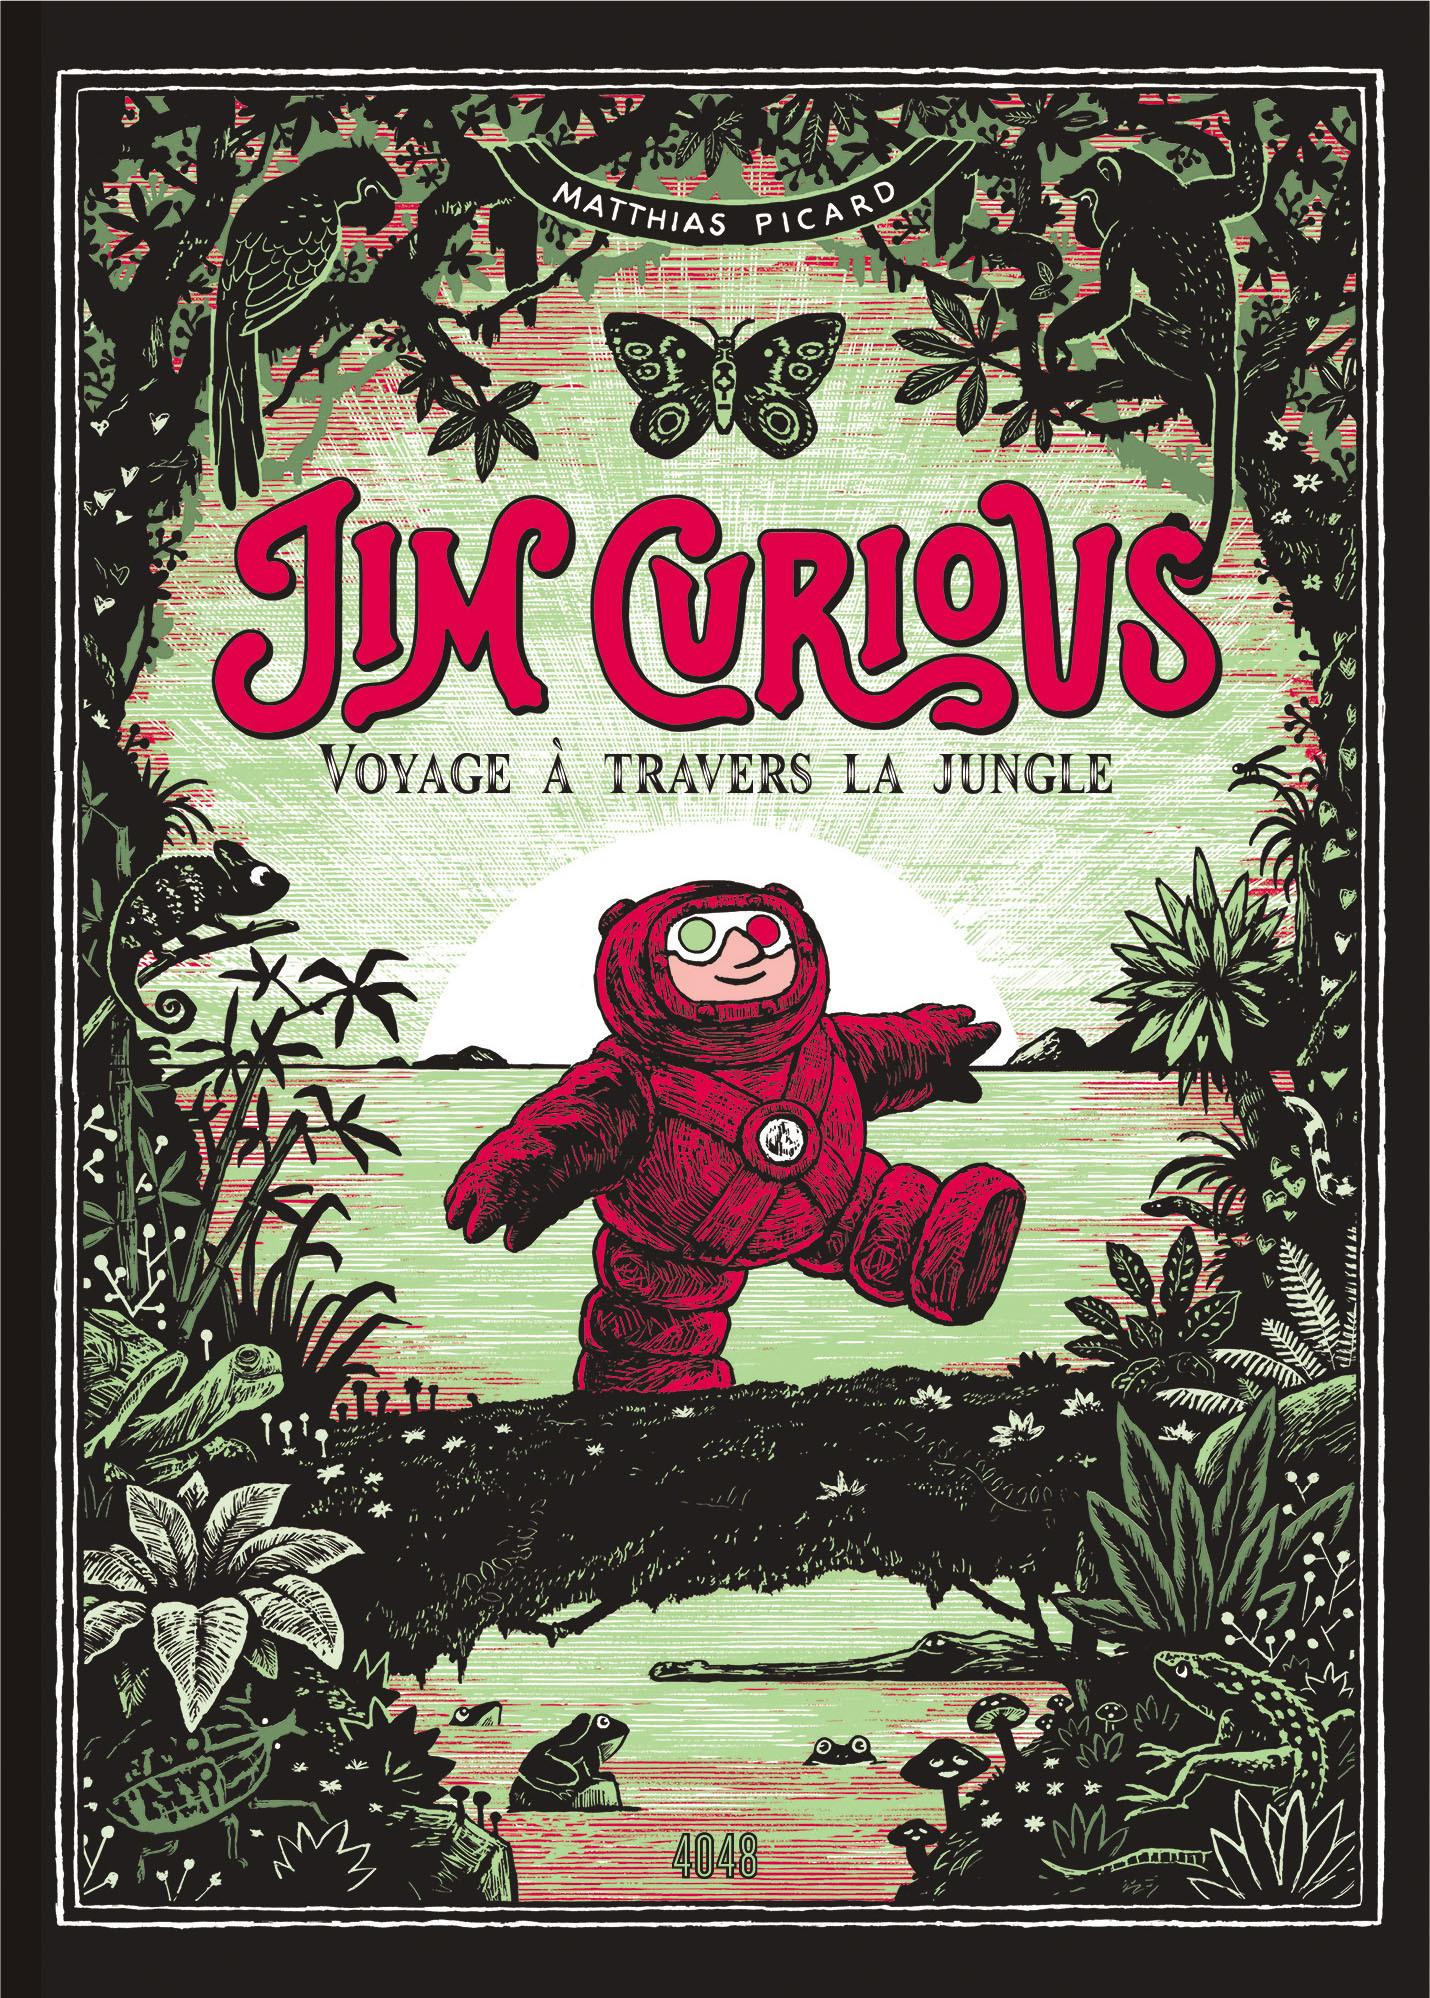 JIM CURIOUS 2 - VOYAGE A TRAVERS LA JUNGLE